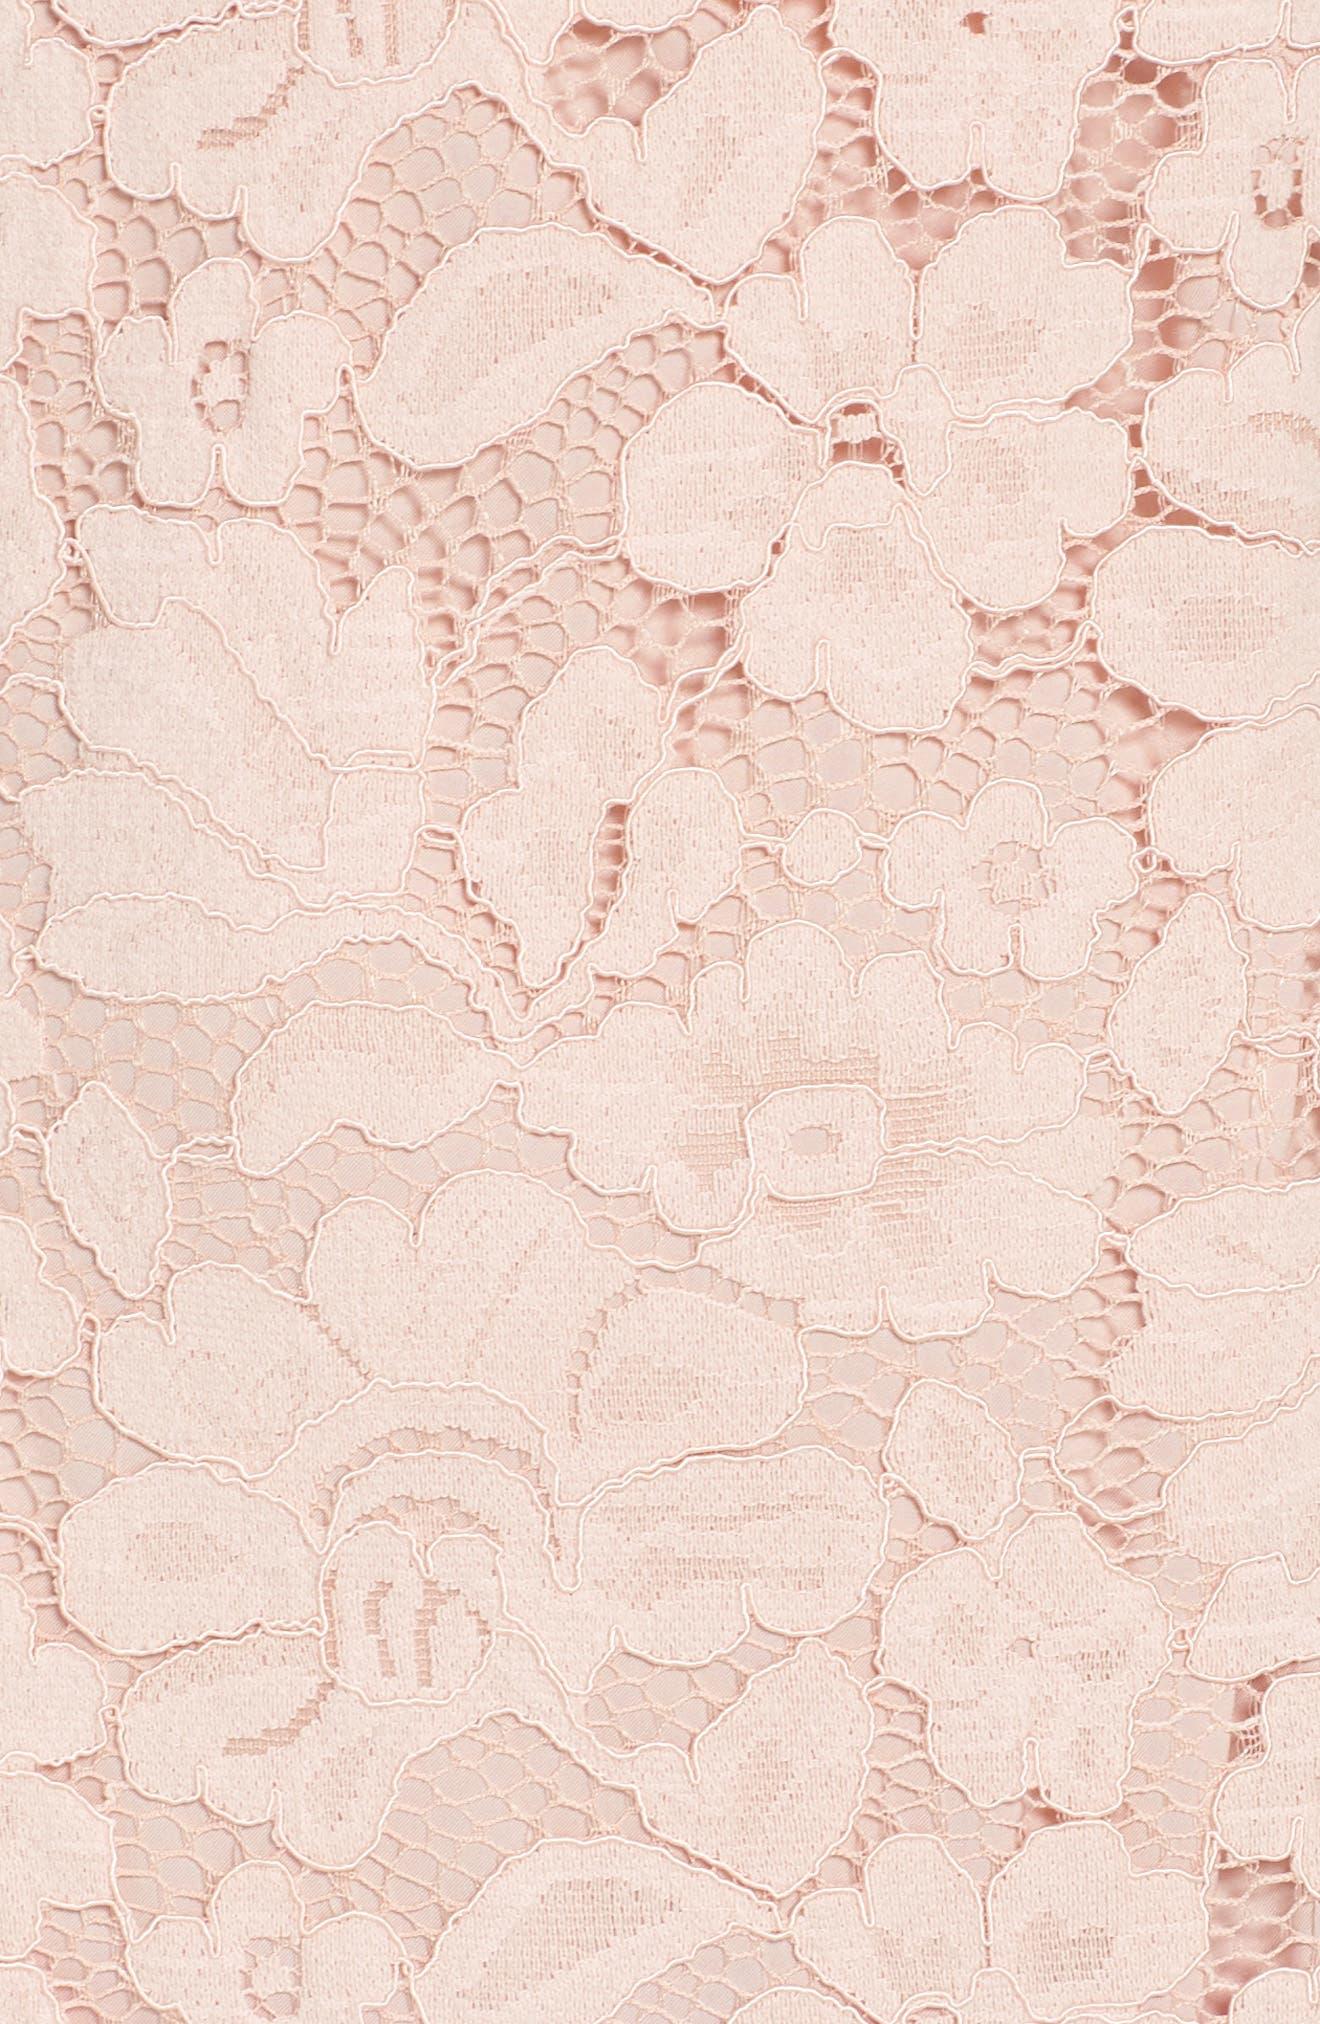 Sleeveless Lace Sheath Dress,                             Alternate thumbnail 6, color,                             Blush